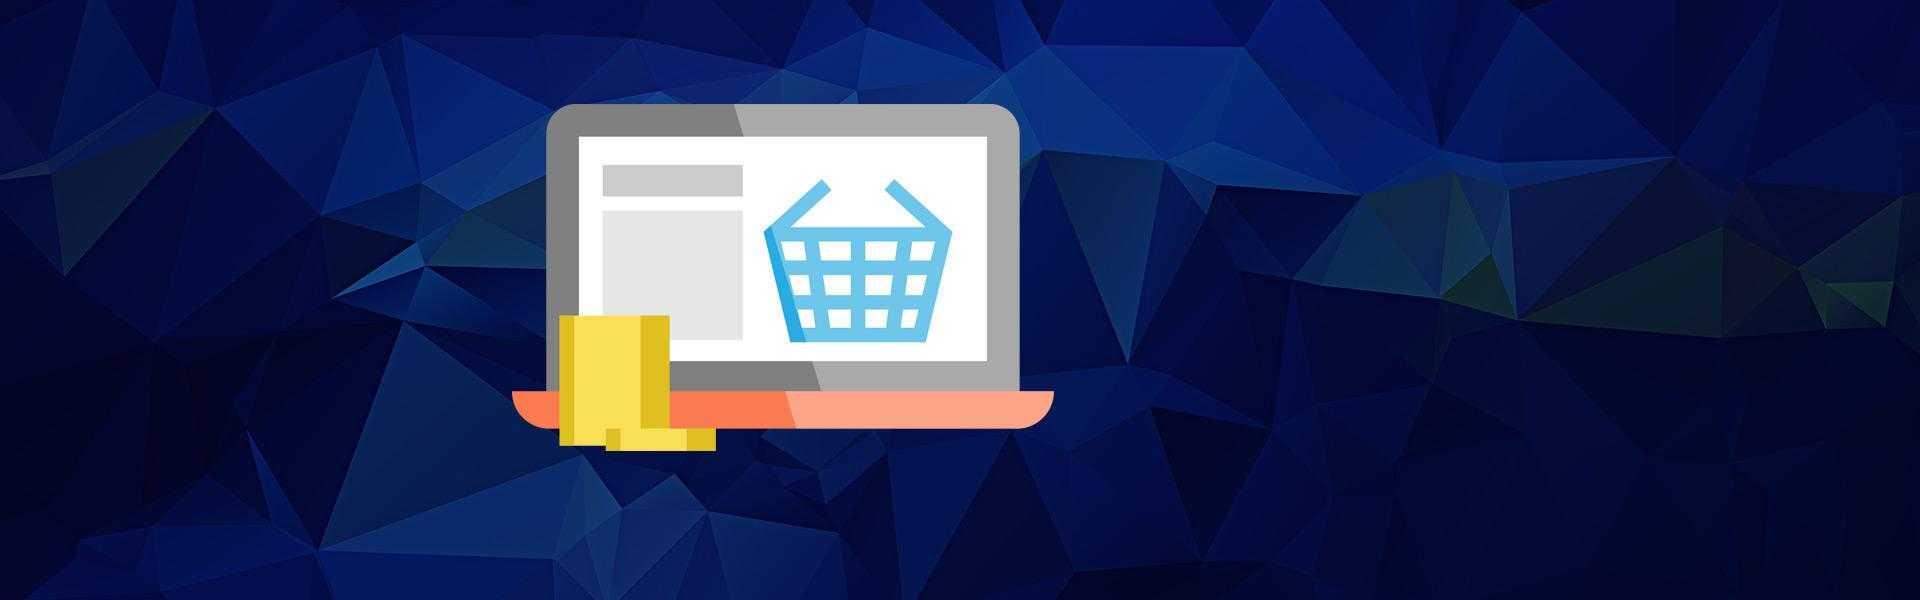 WooCommerce. Скрытие полей заказа в зависимости от выбранного способа доставки • 1 • Финты WordPress